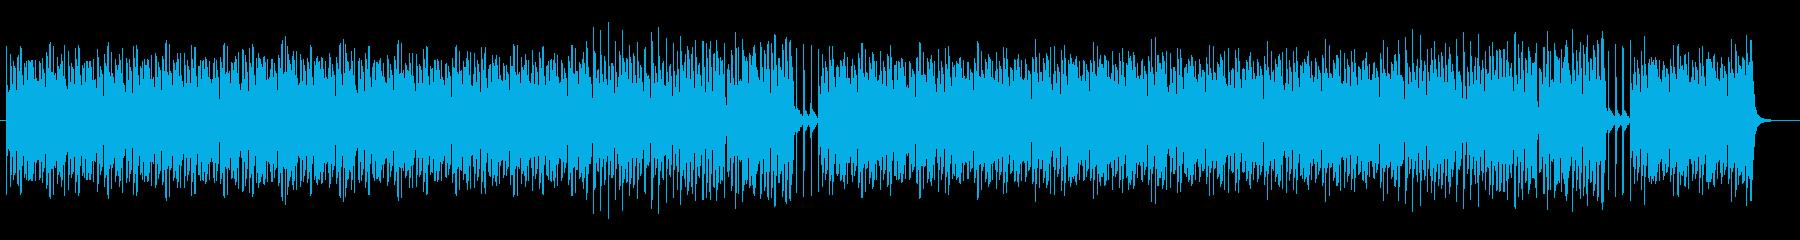 ポップでリズミカルなピアノBGMサウンドの再生済みの波形